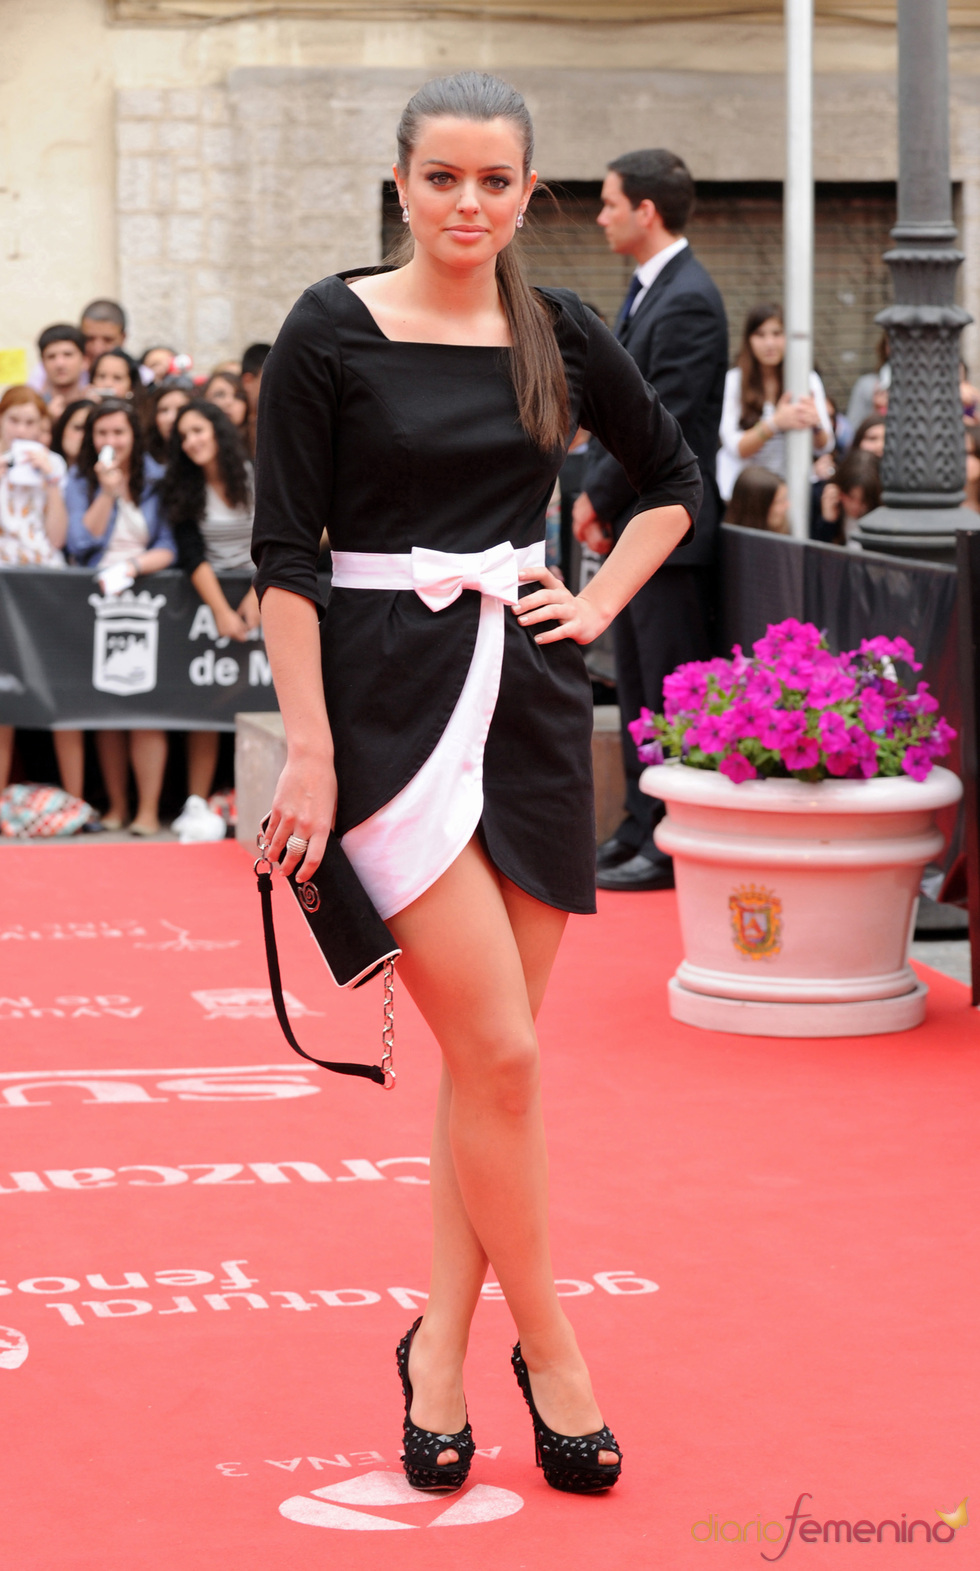 Adriana Torrebejano en la clausura del Festival de Cine de Málaga 2011